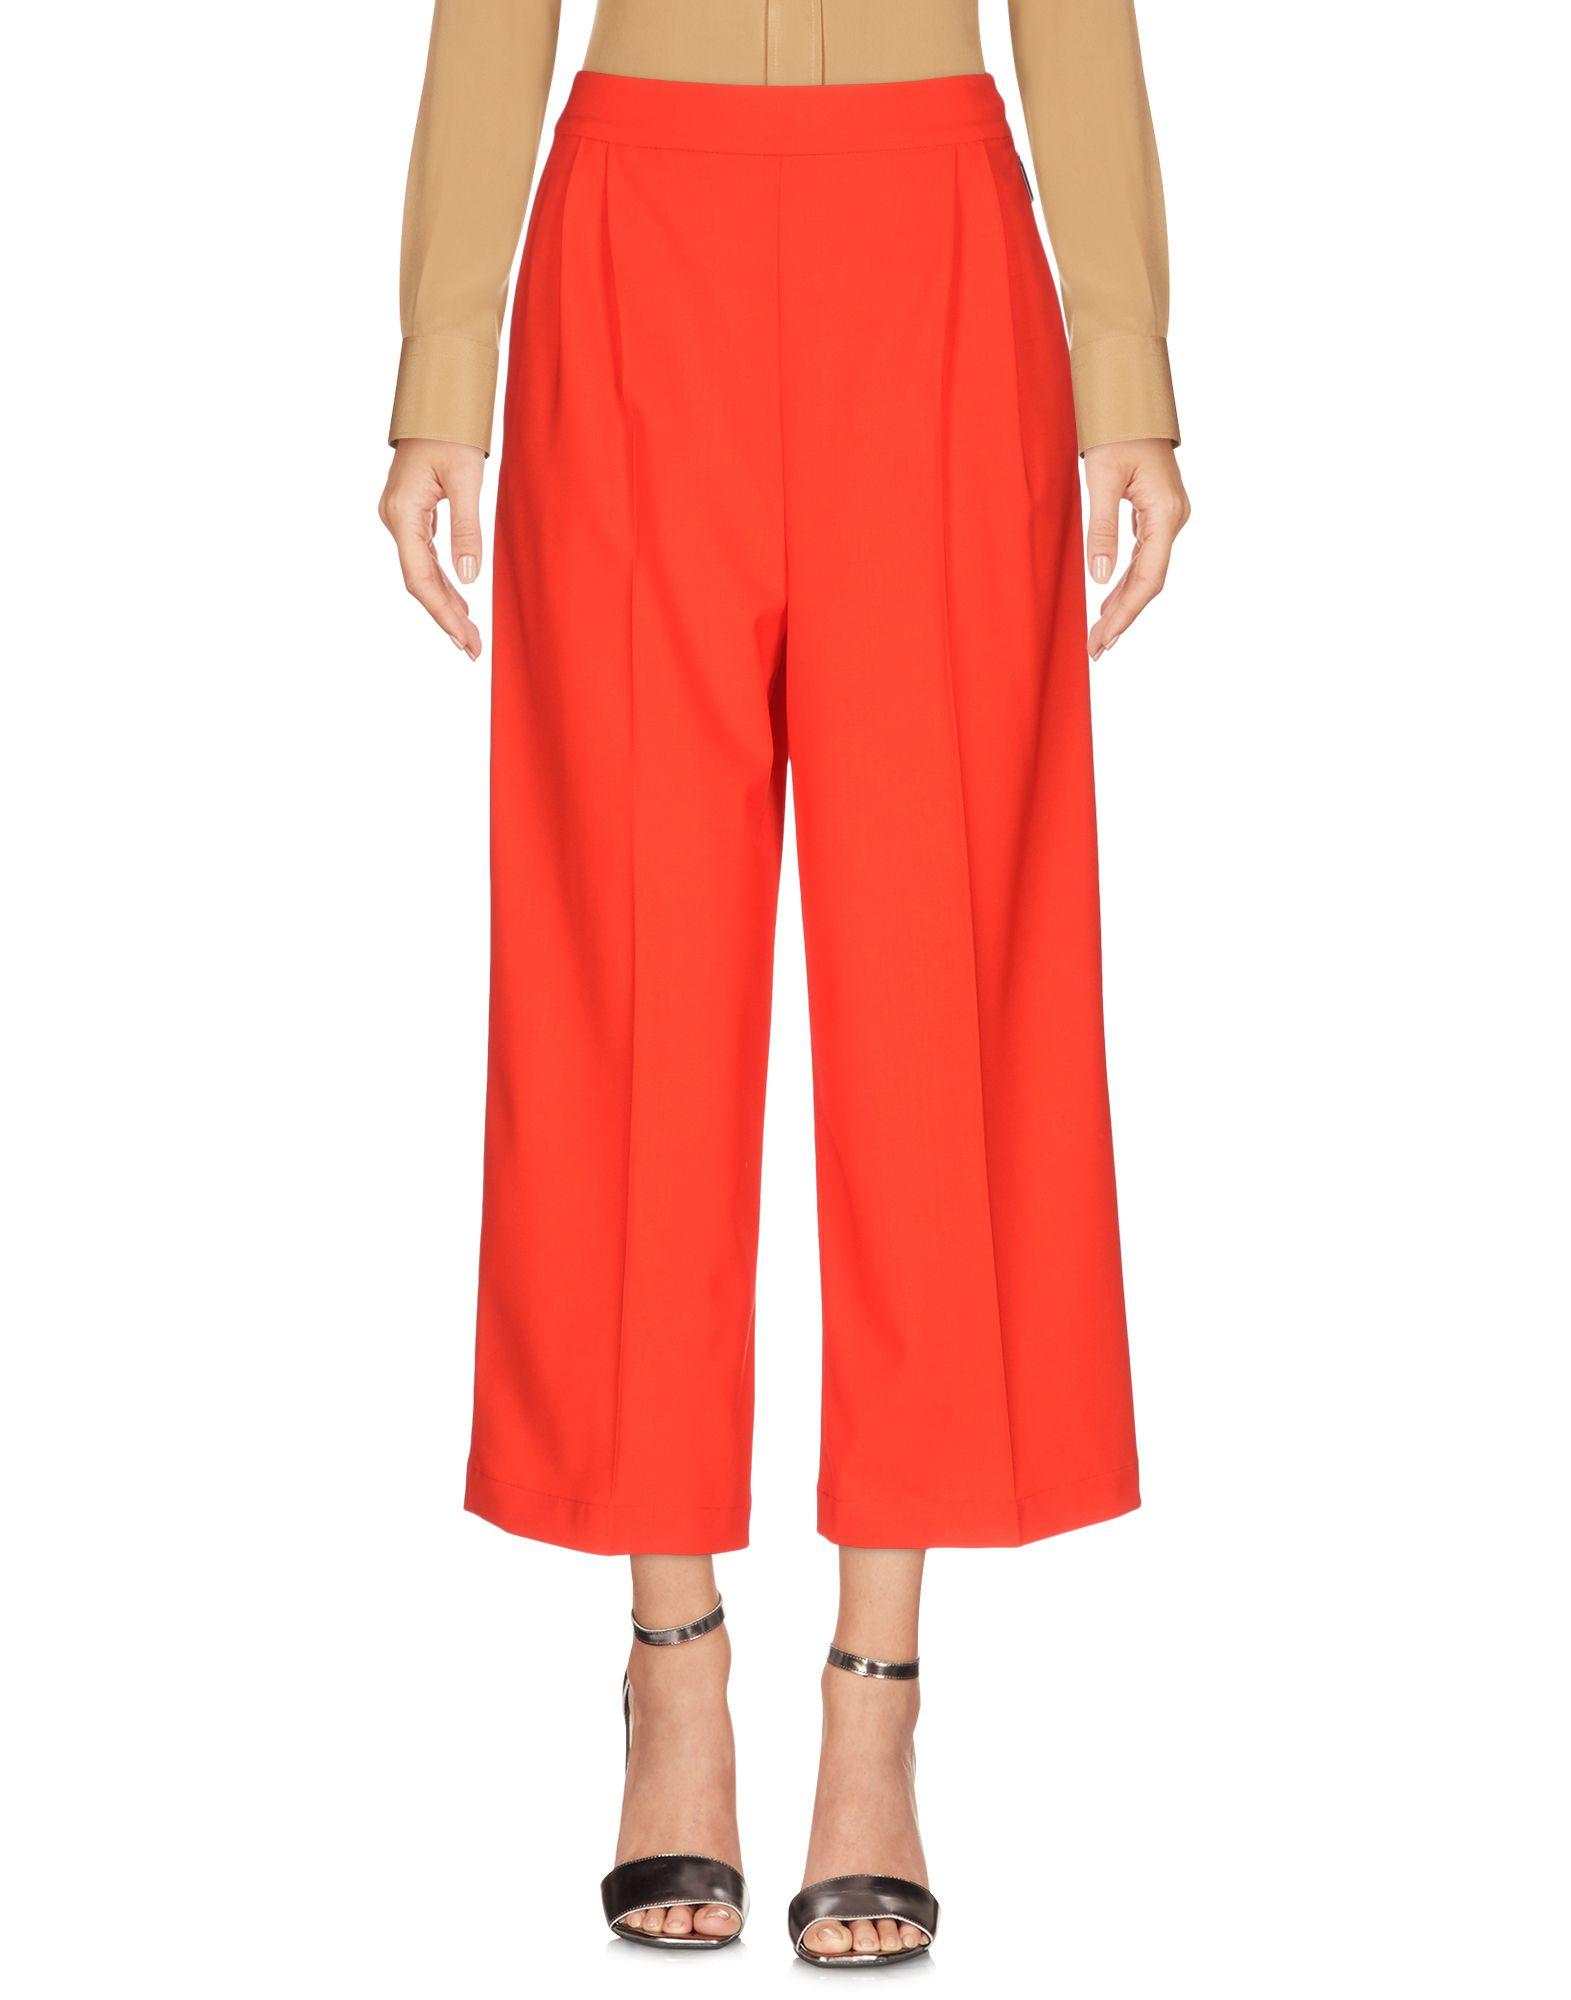 Pantalone Msgm Donna - Acquista online su 6rmKCo9ucA